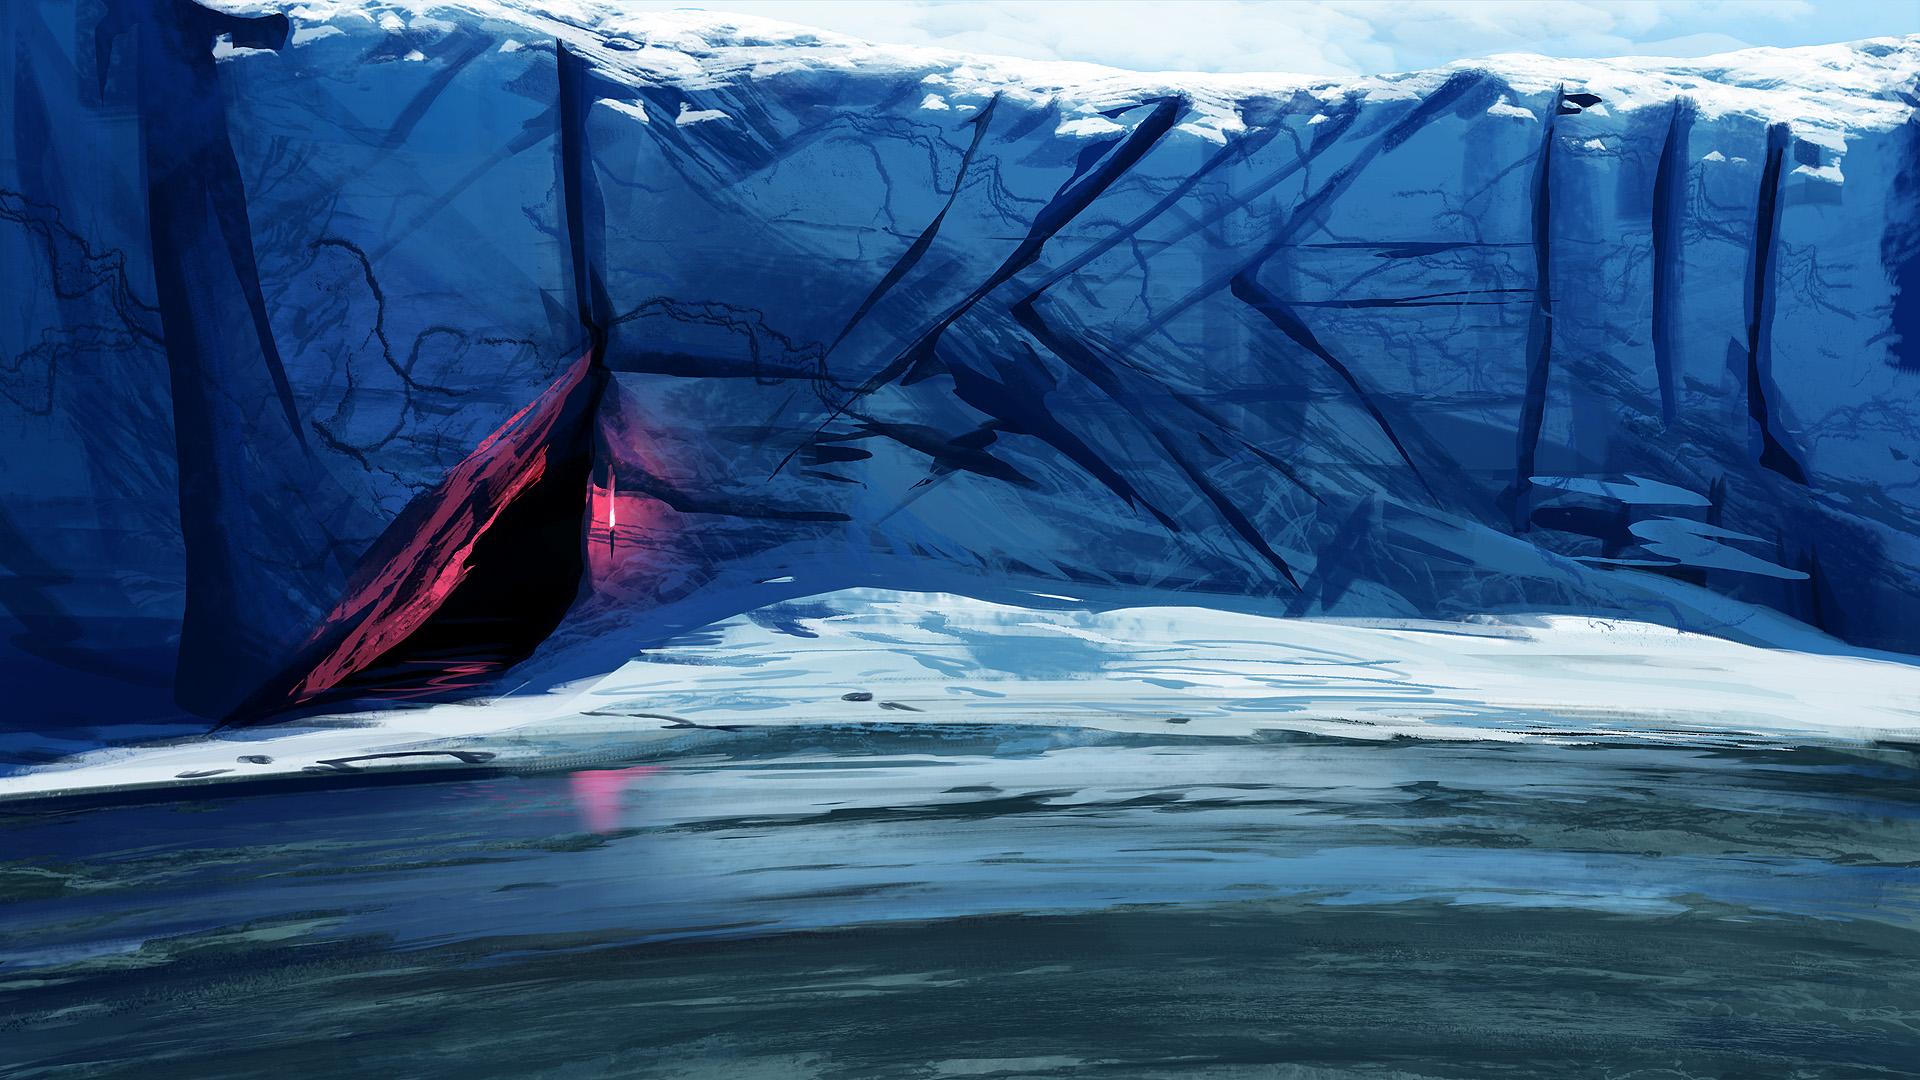 Dark Aurora Borealis Water Ice Artistic Brush 1920x1080